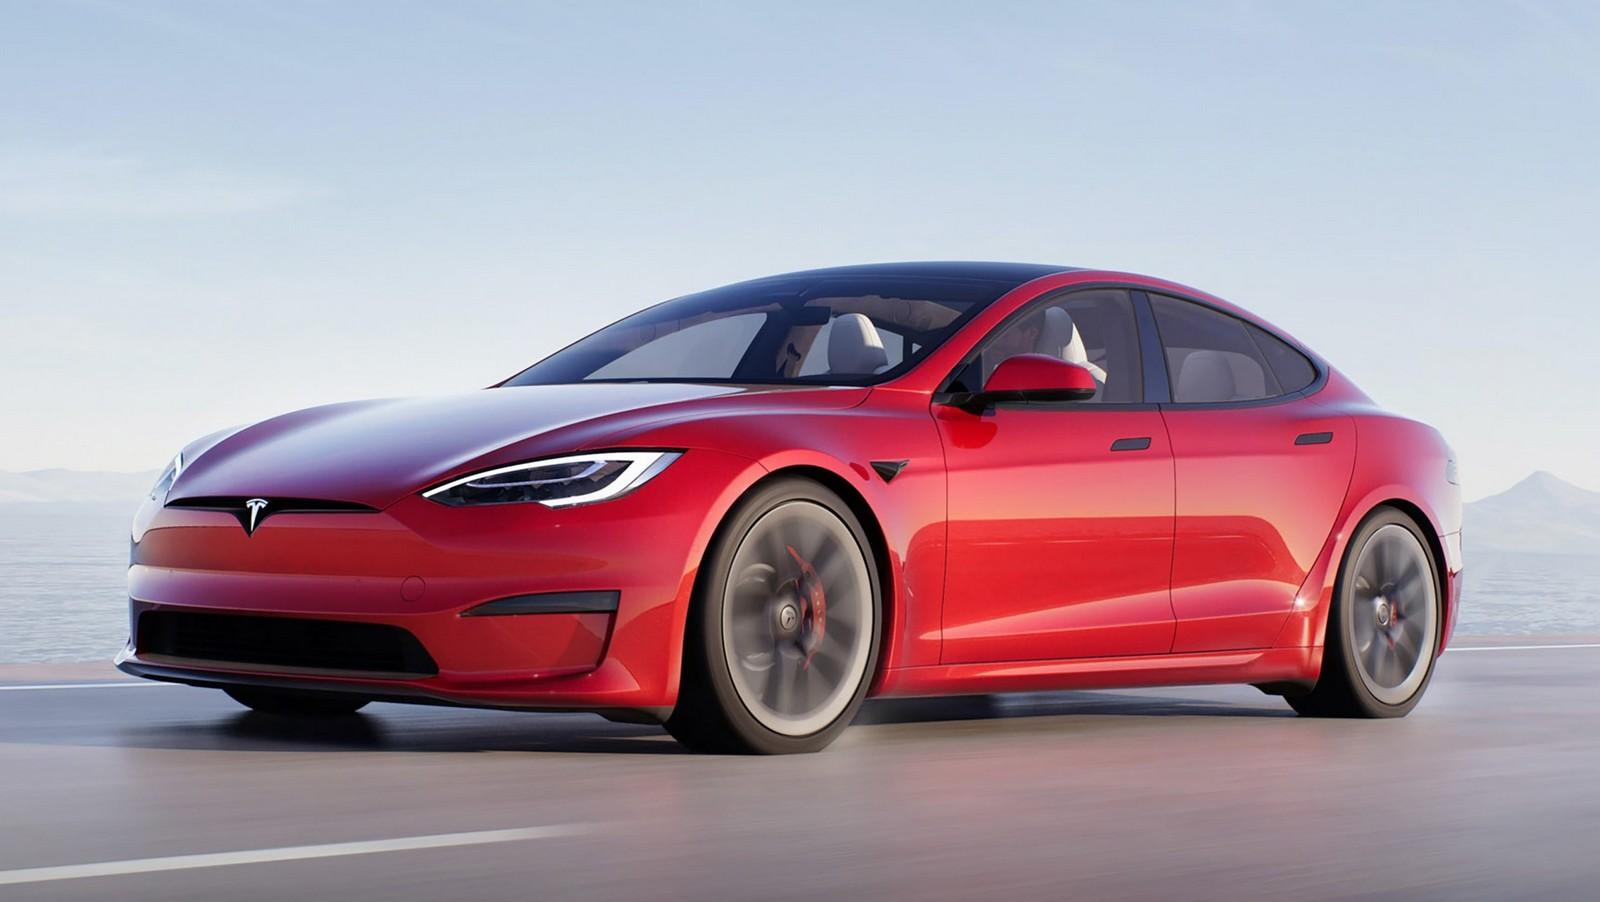 O desenho da carroçaria do Tesla Model S permite movimentos rápidos e com menor resistência do ar, tornando-o o carro de produção mais aerodinâmico do mundo. Tesla/Reprodução)